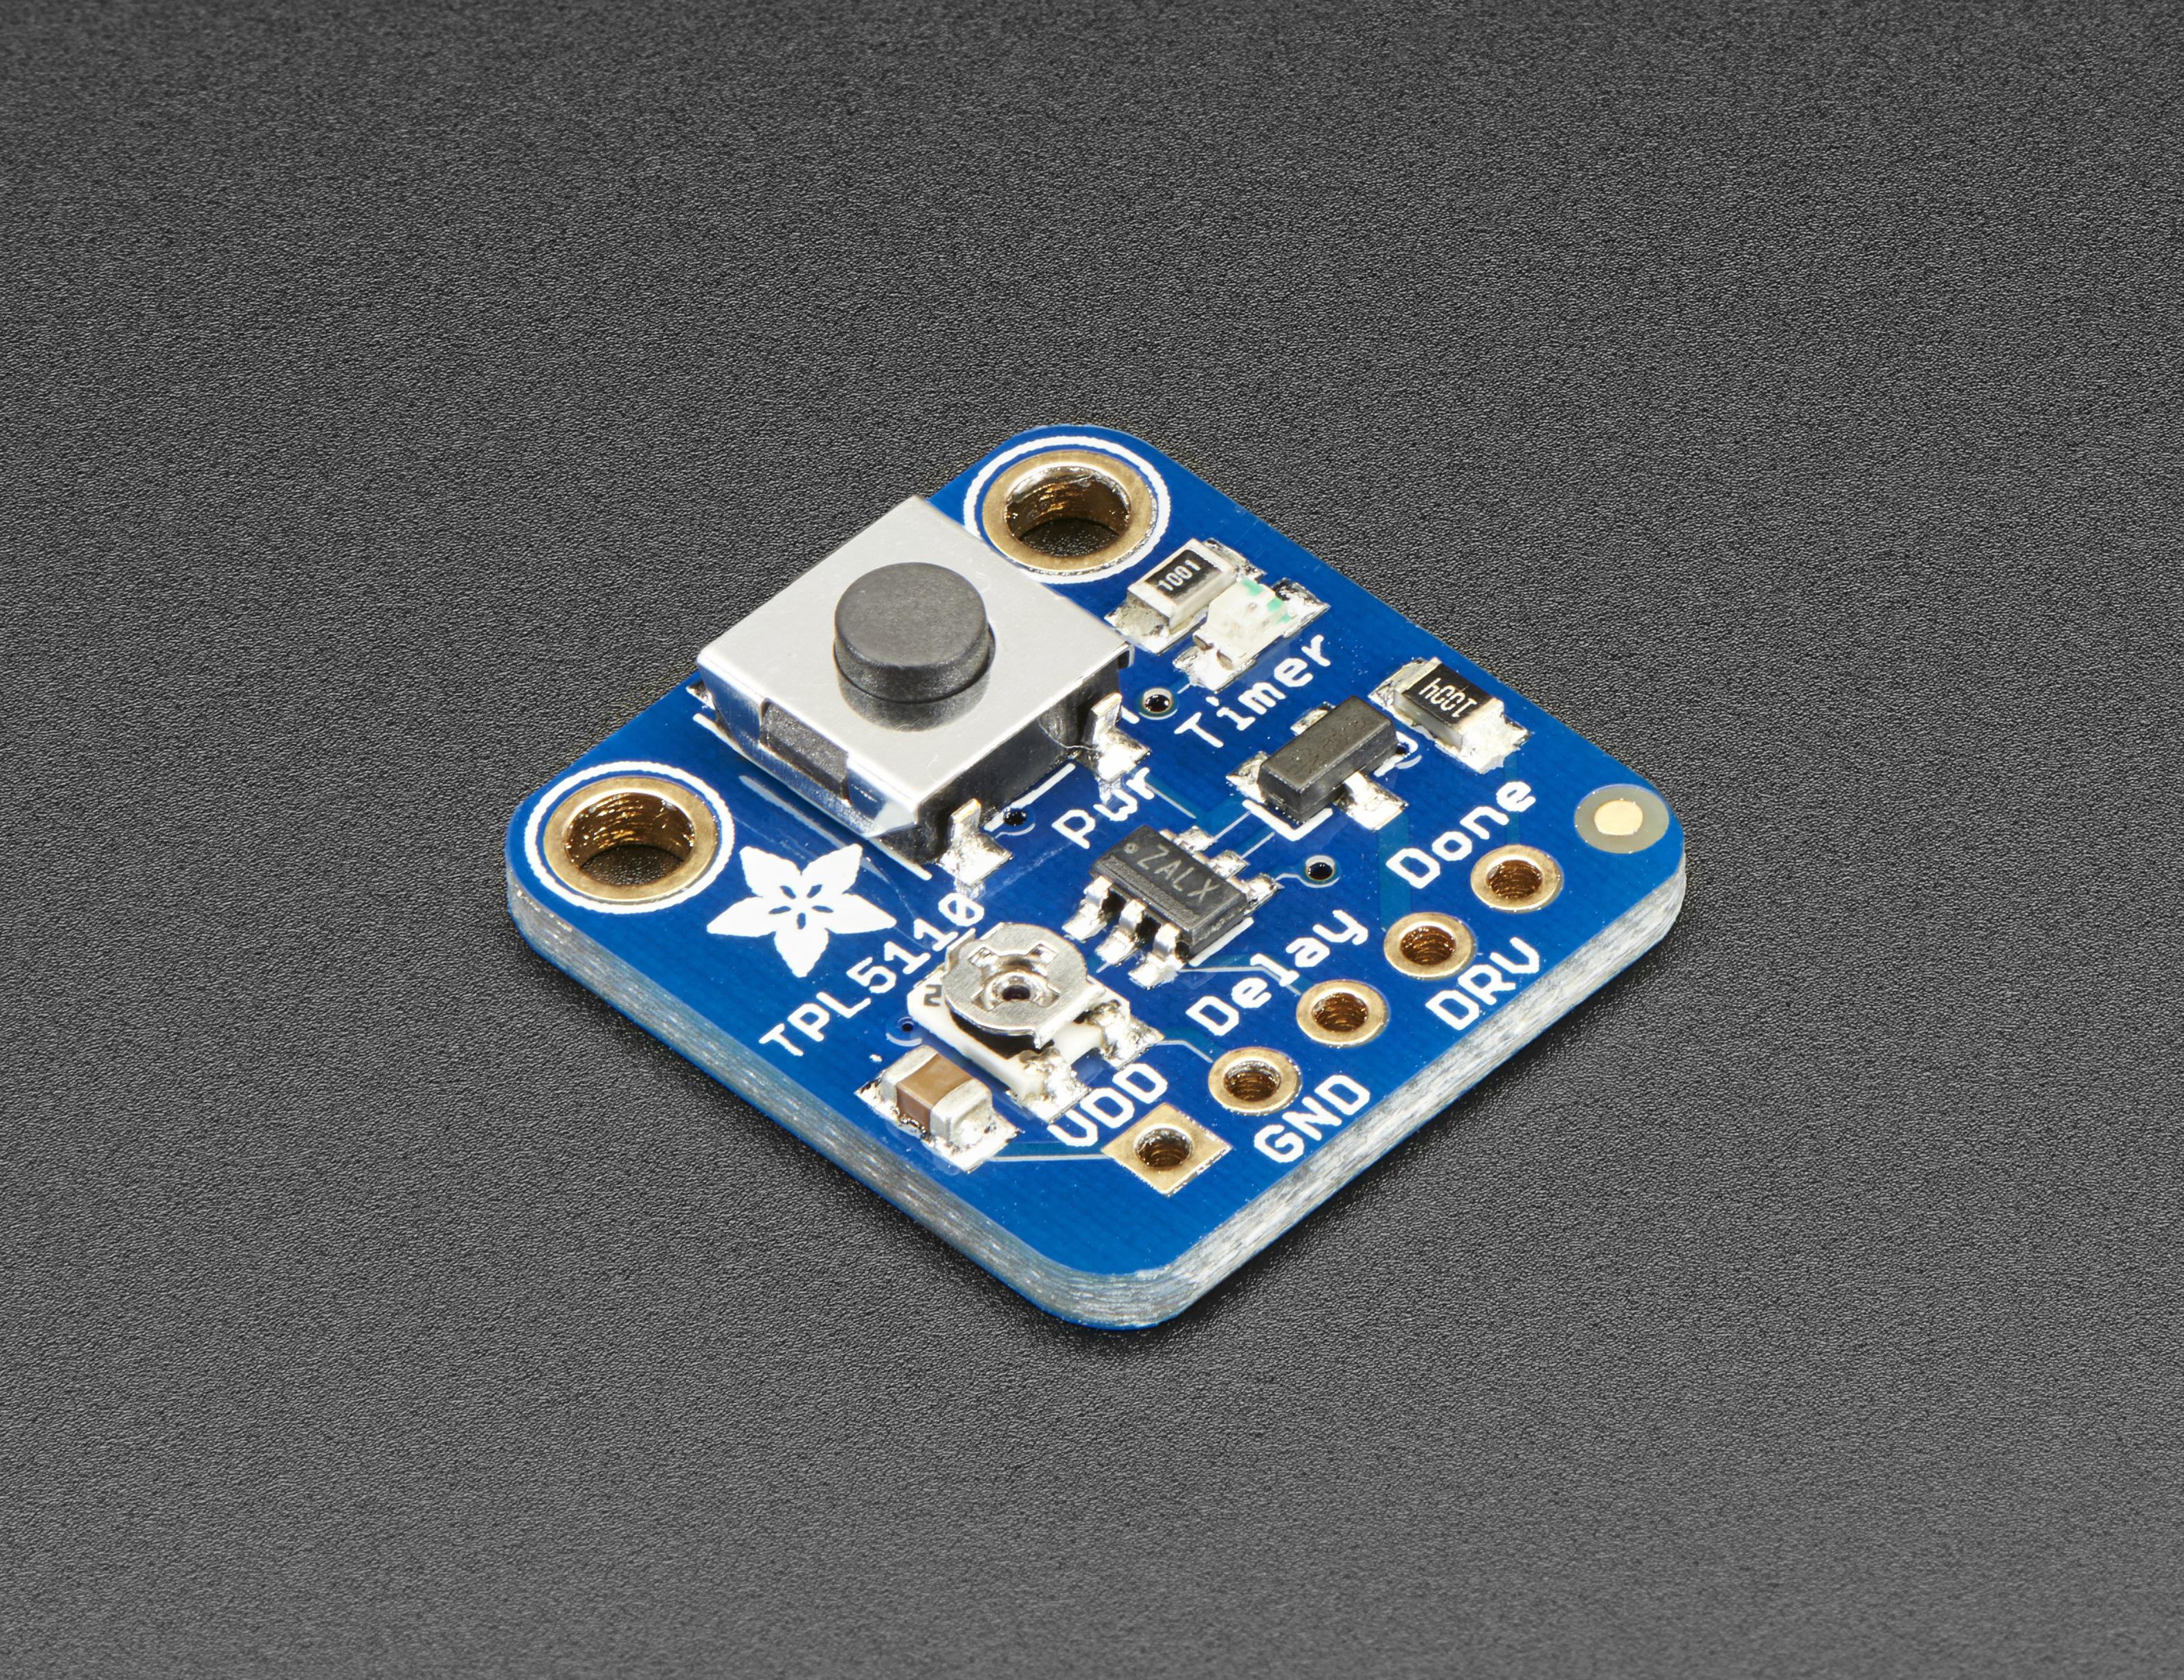 adafruit_products_3435_iso_ORIG.jpg